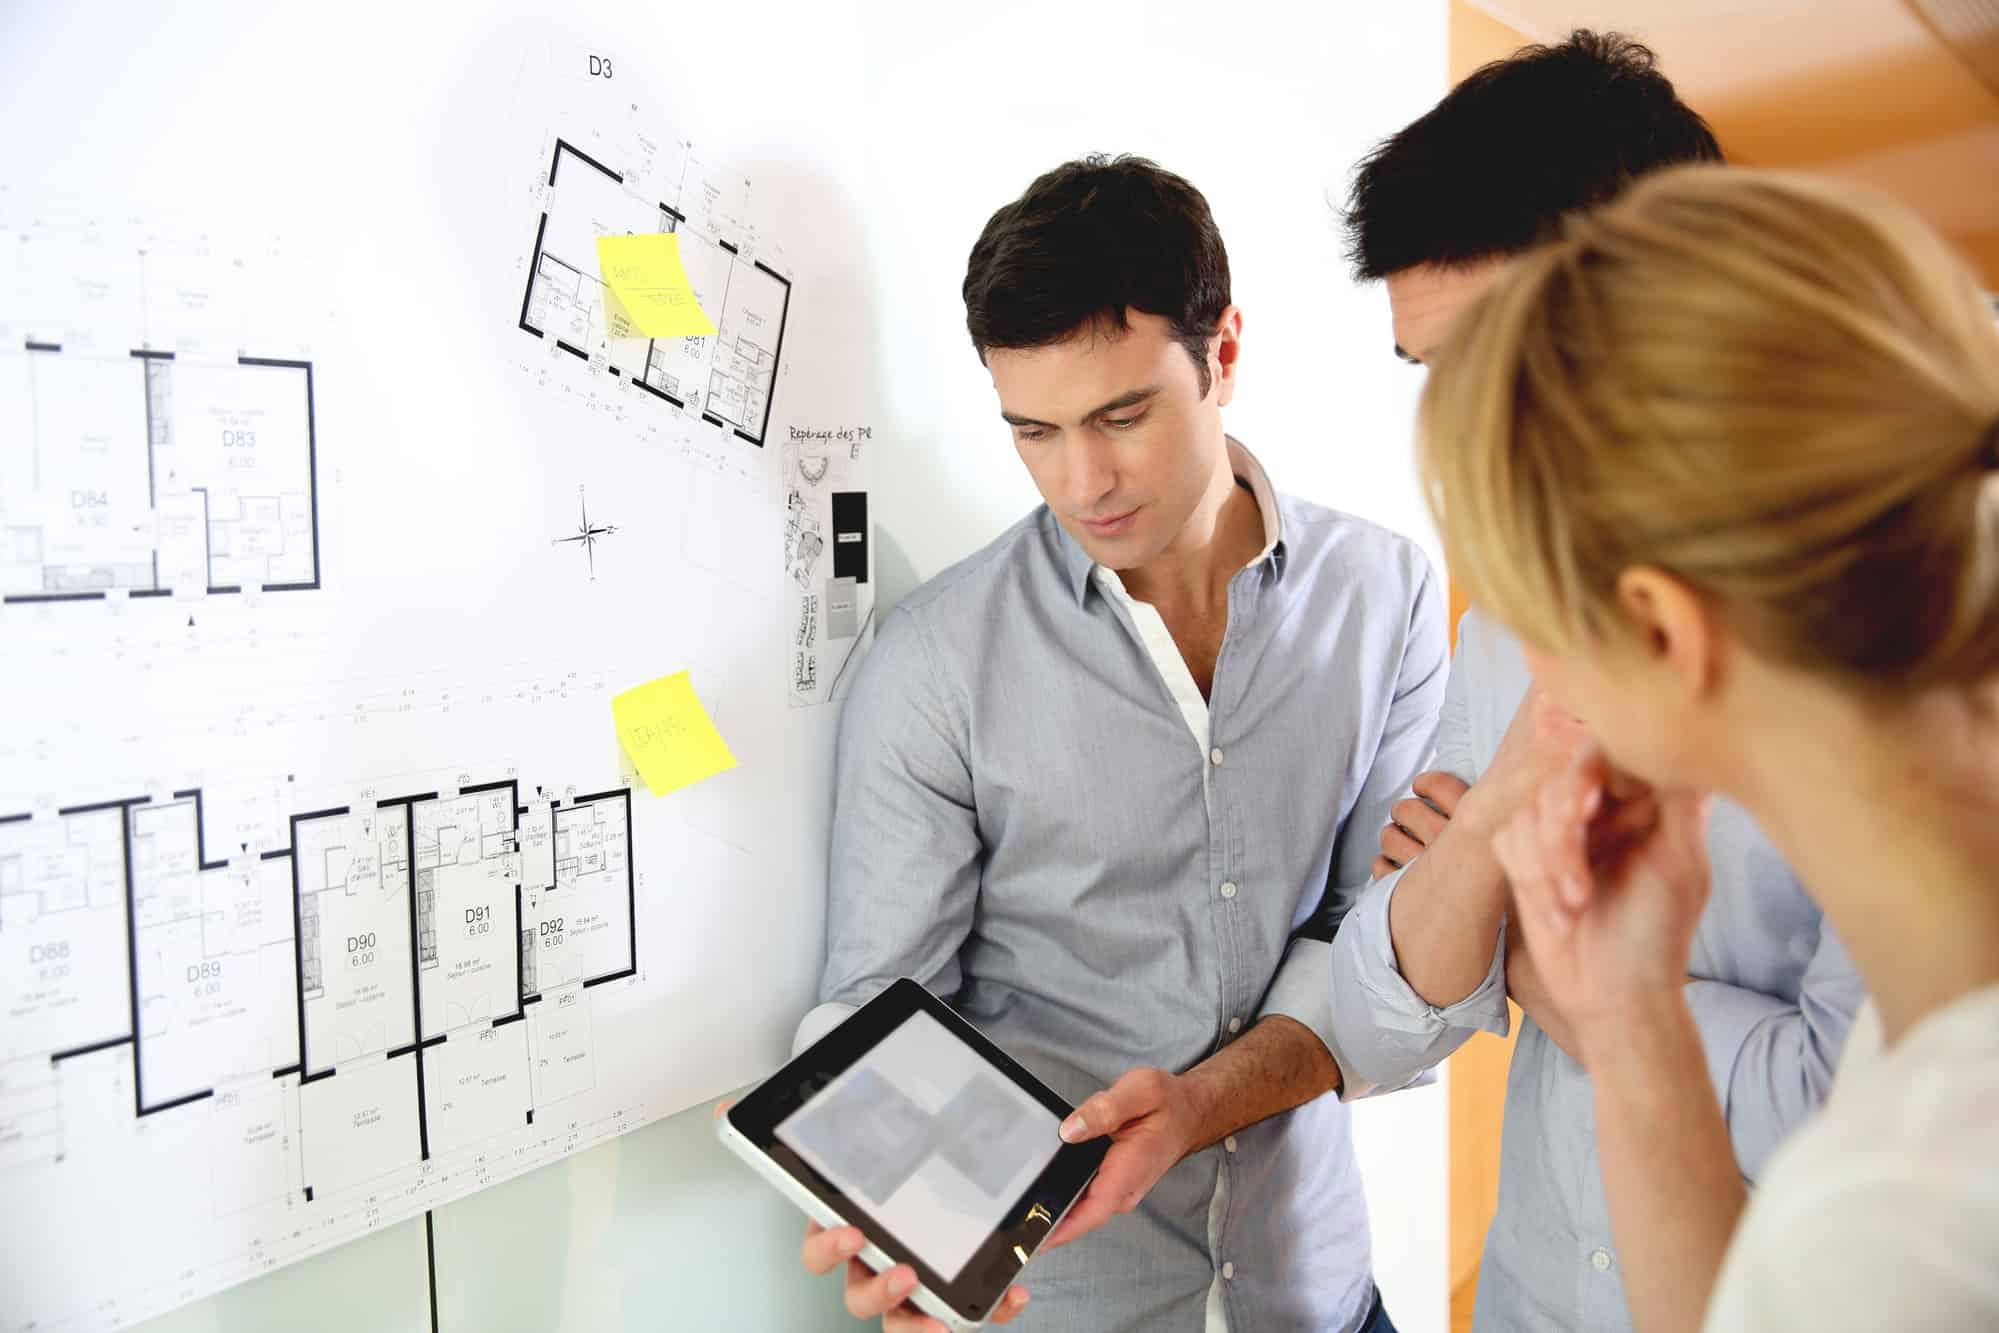 Architekt Vám pomůže formulovat zadání a navrhne řešení na míru Vašim potřebám